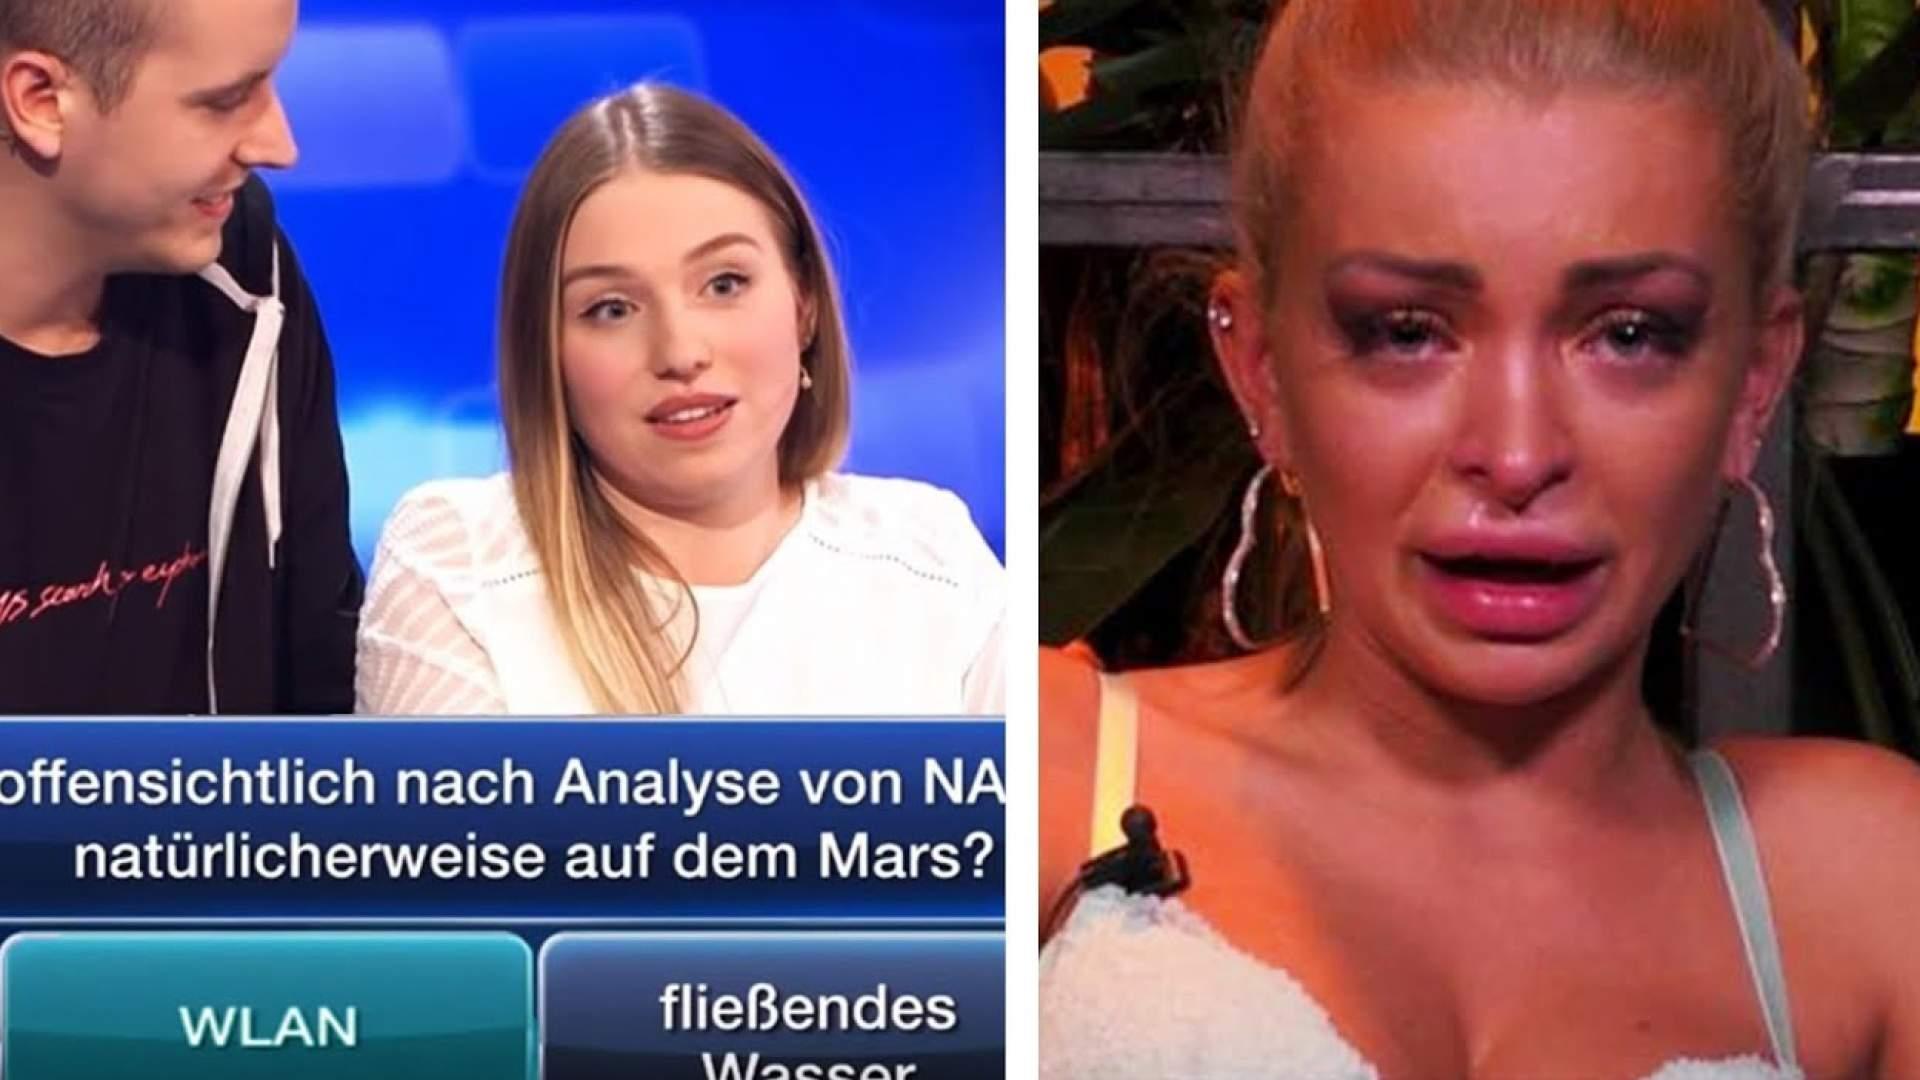 VIDEO: 5 'YouTube'-Stars, die sich im Fernsehen bis auf die Knochen blamiert haben